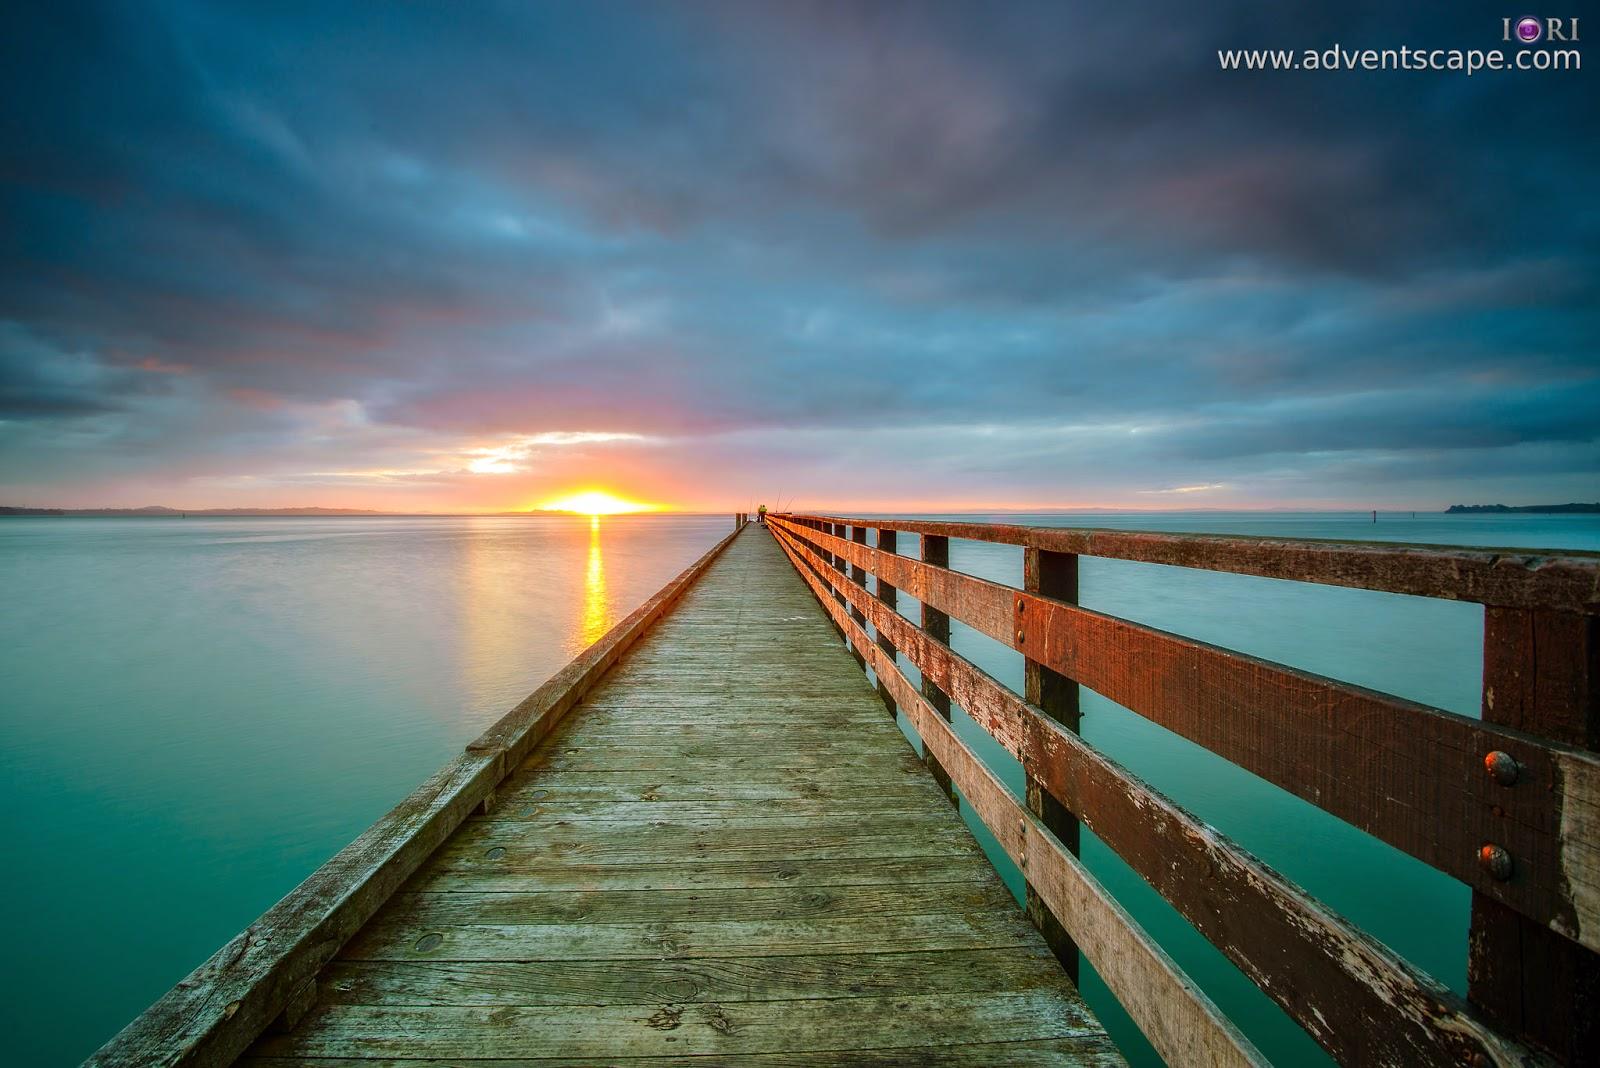 Philip Avellana, iori, adventscape, Cornwallis, jetty, seascape, landscape, North Island, New Zealand, fine art, sunrise, glare